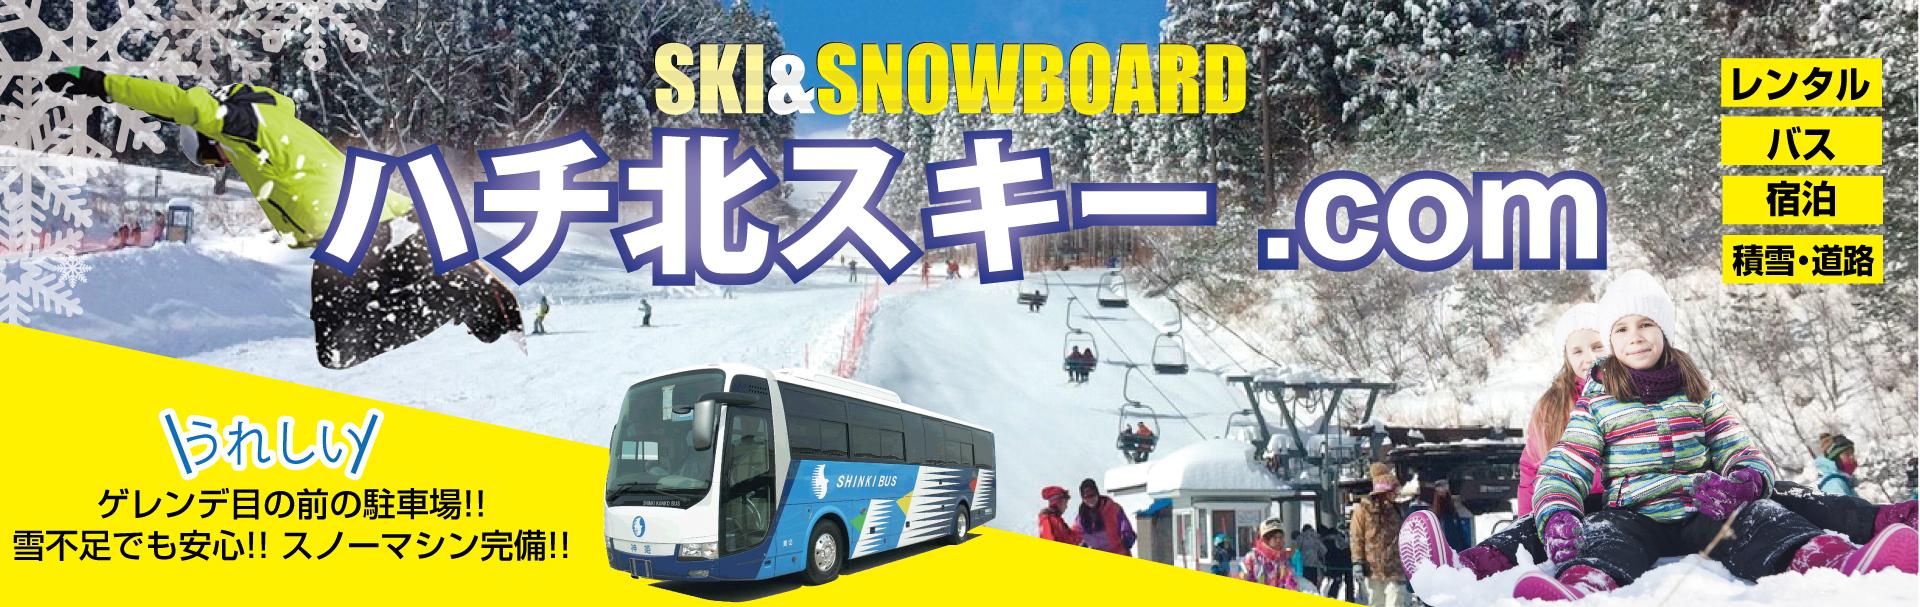 ハチ北スキー.COM